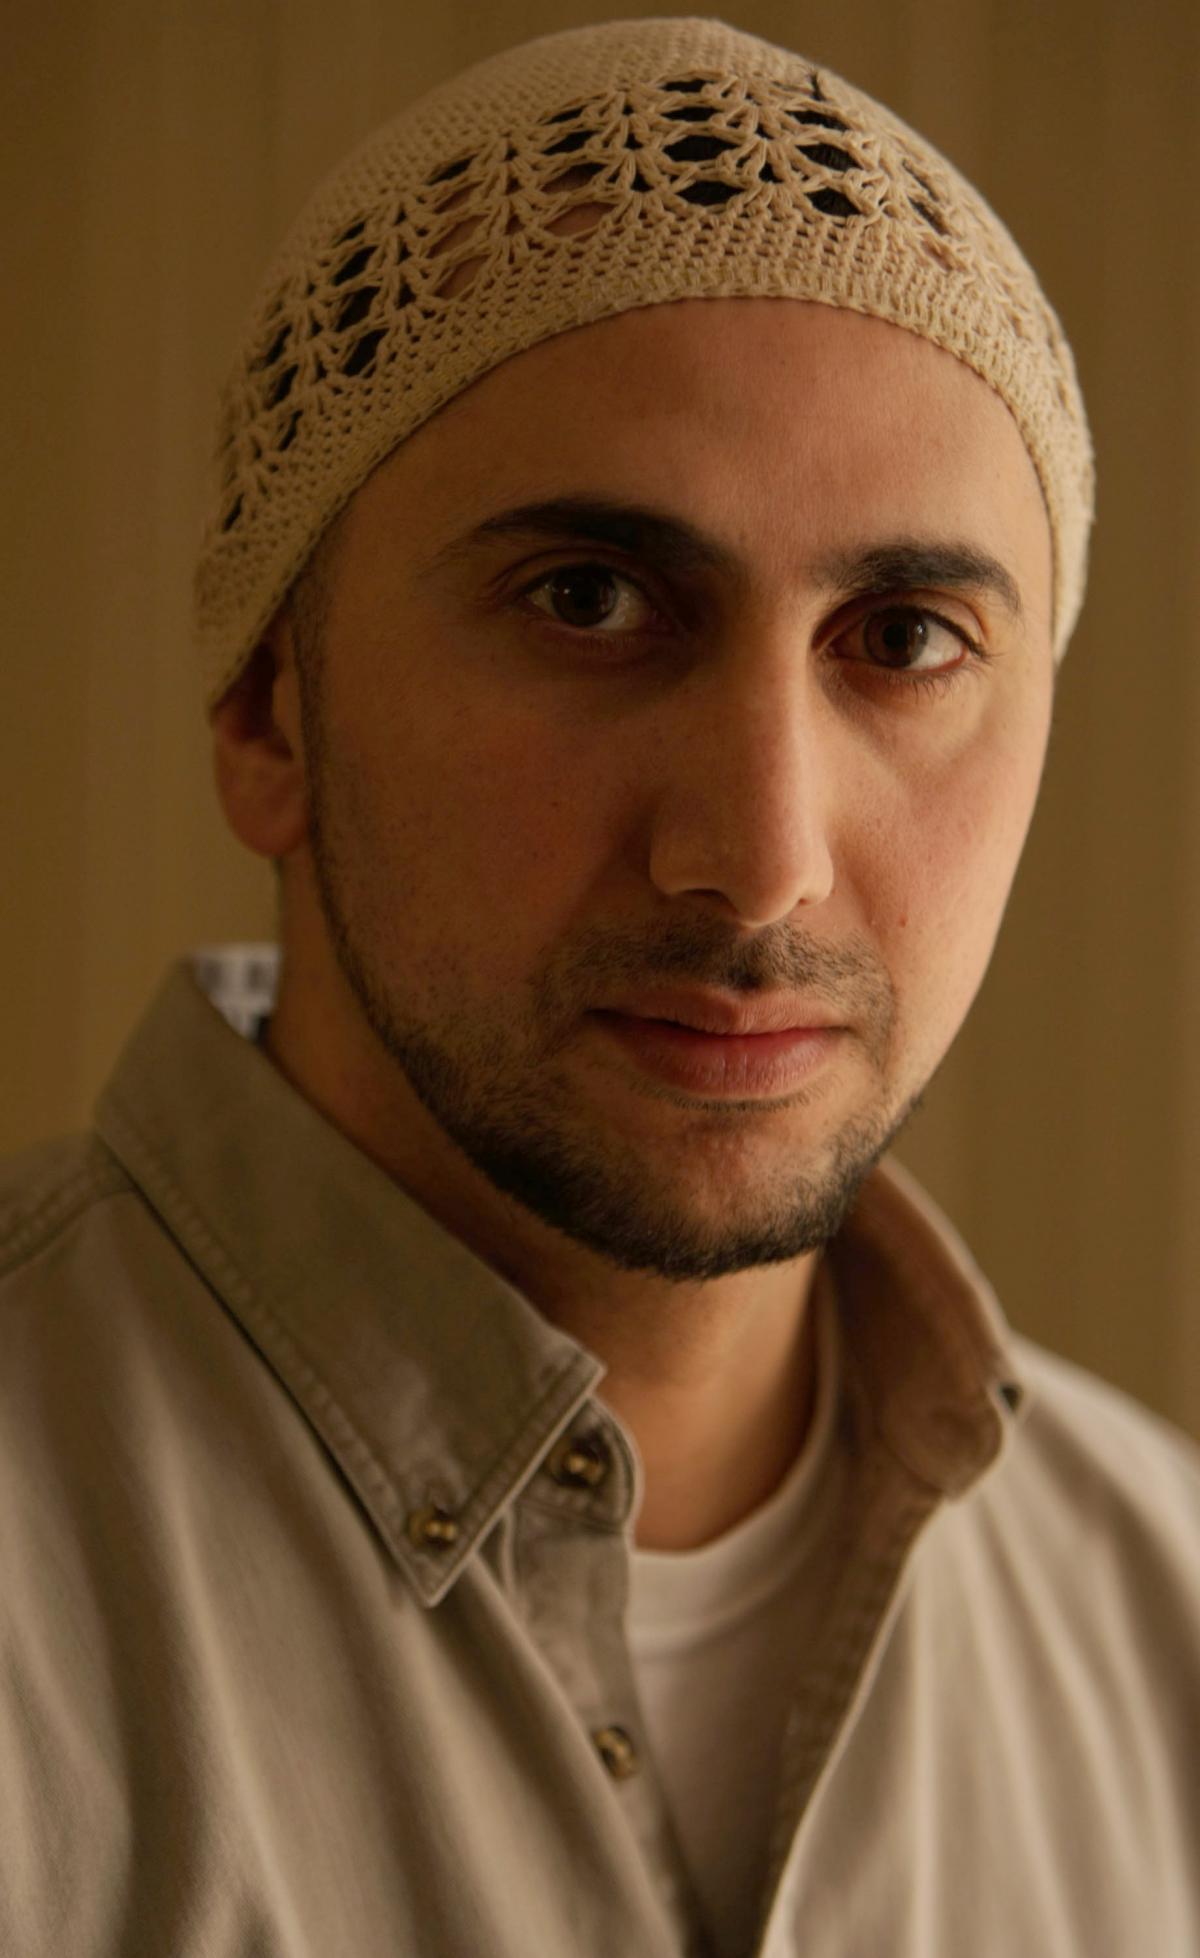 Nashashibi runs the Inner-City Muslim Action Network in Chicago.